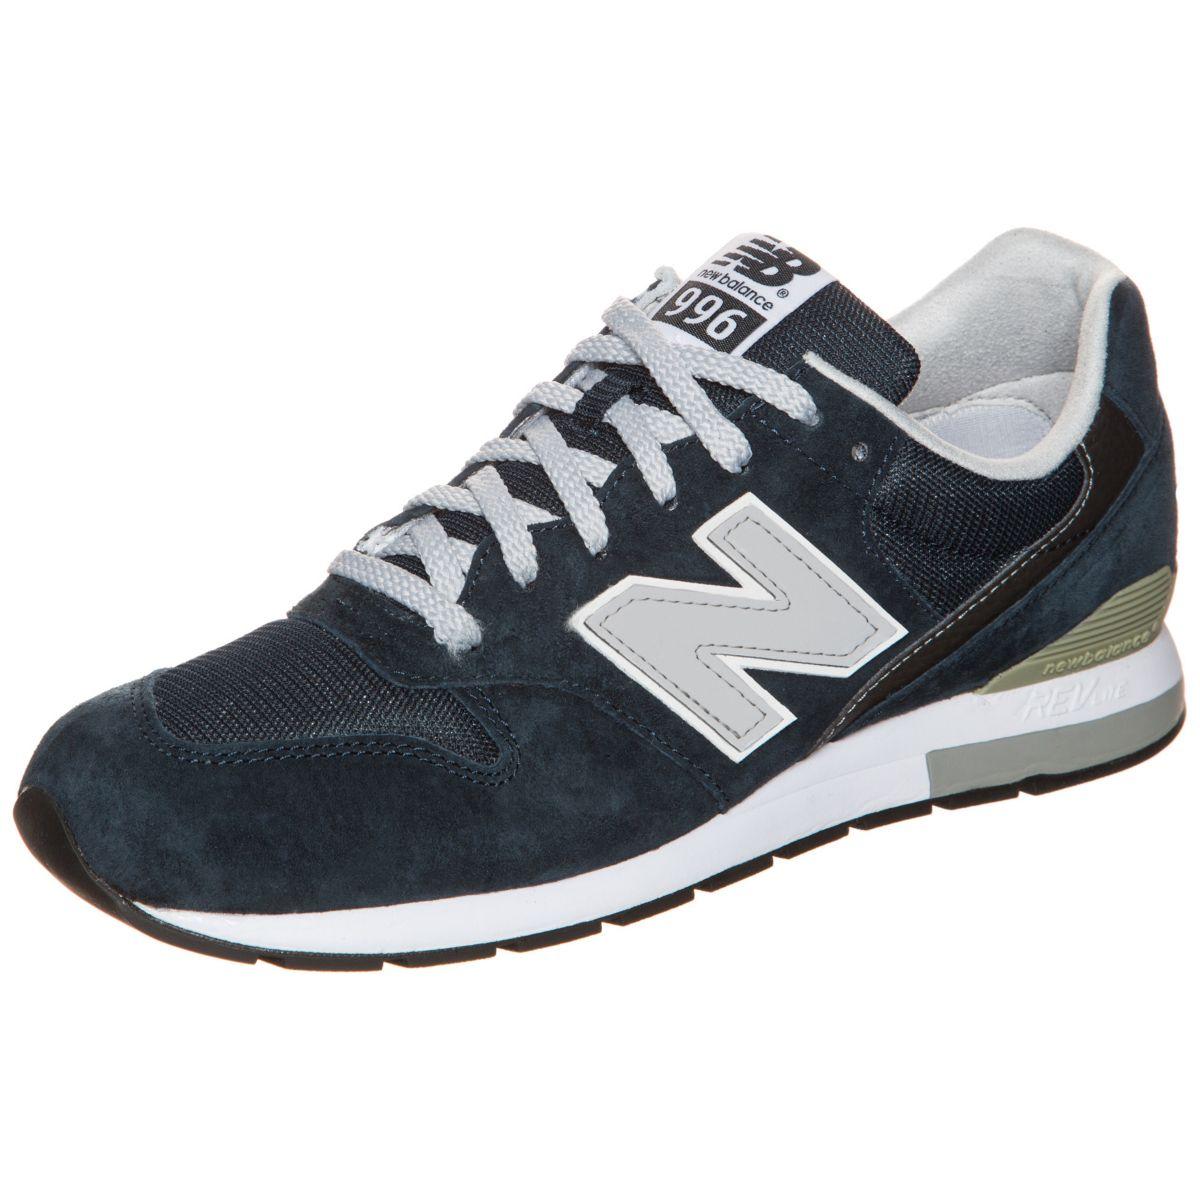 NEW BALANCE MRL996-AN-D Sneaker Herren